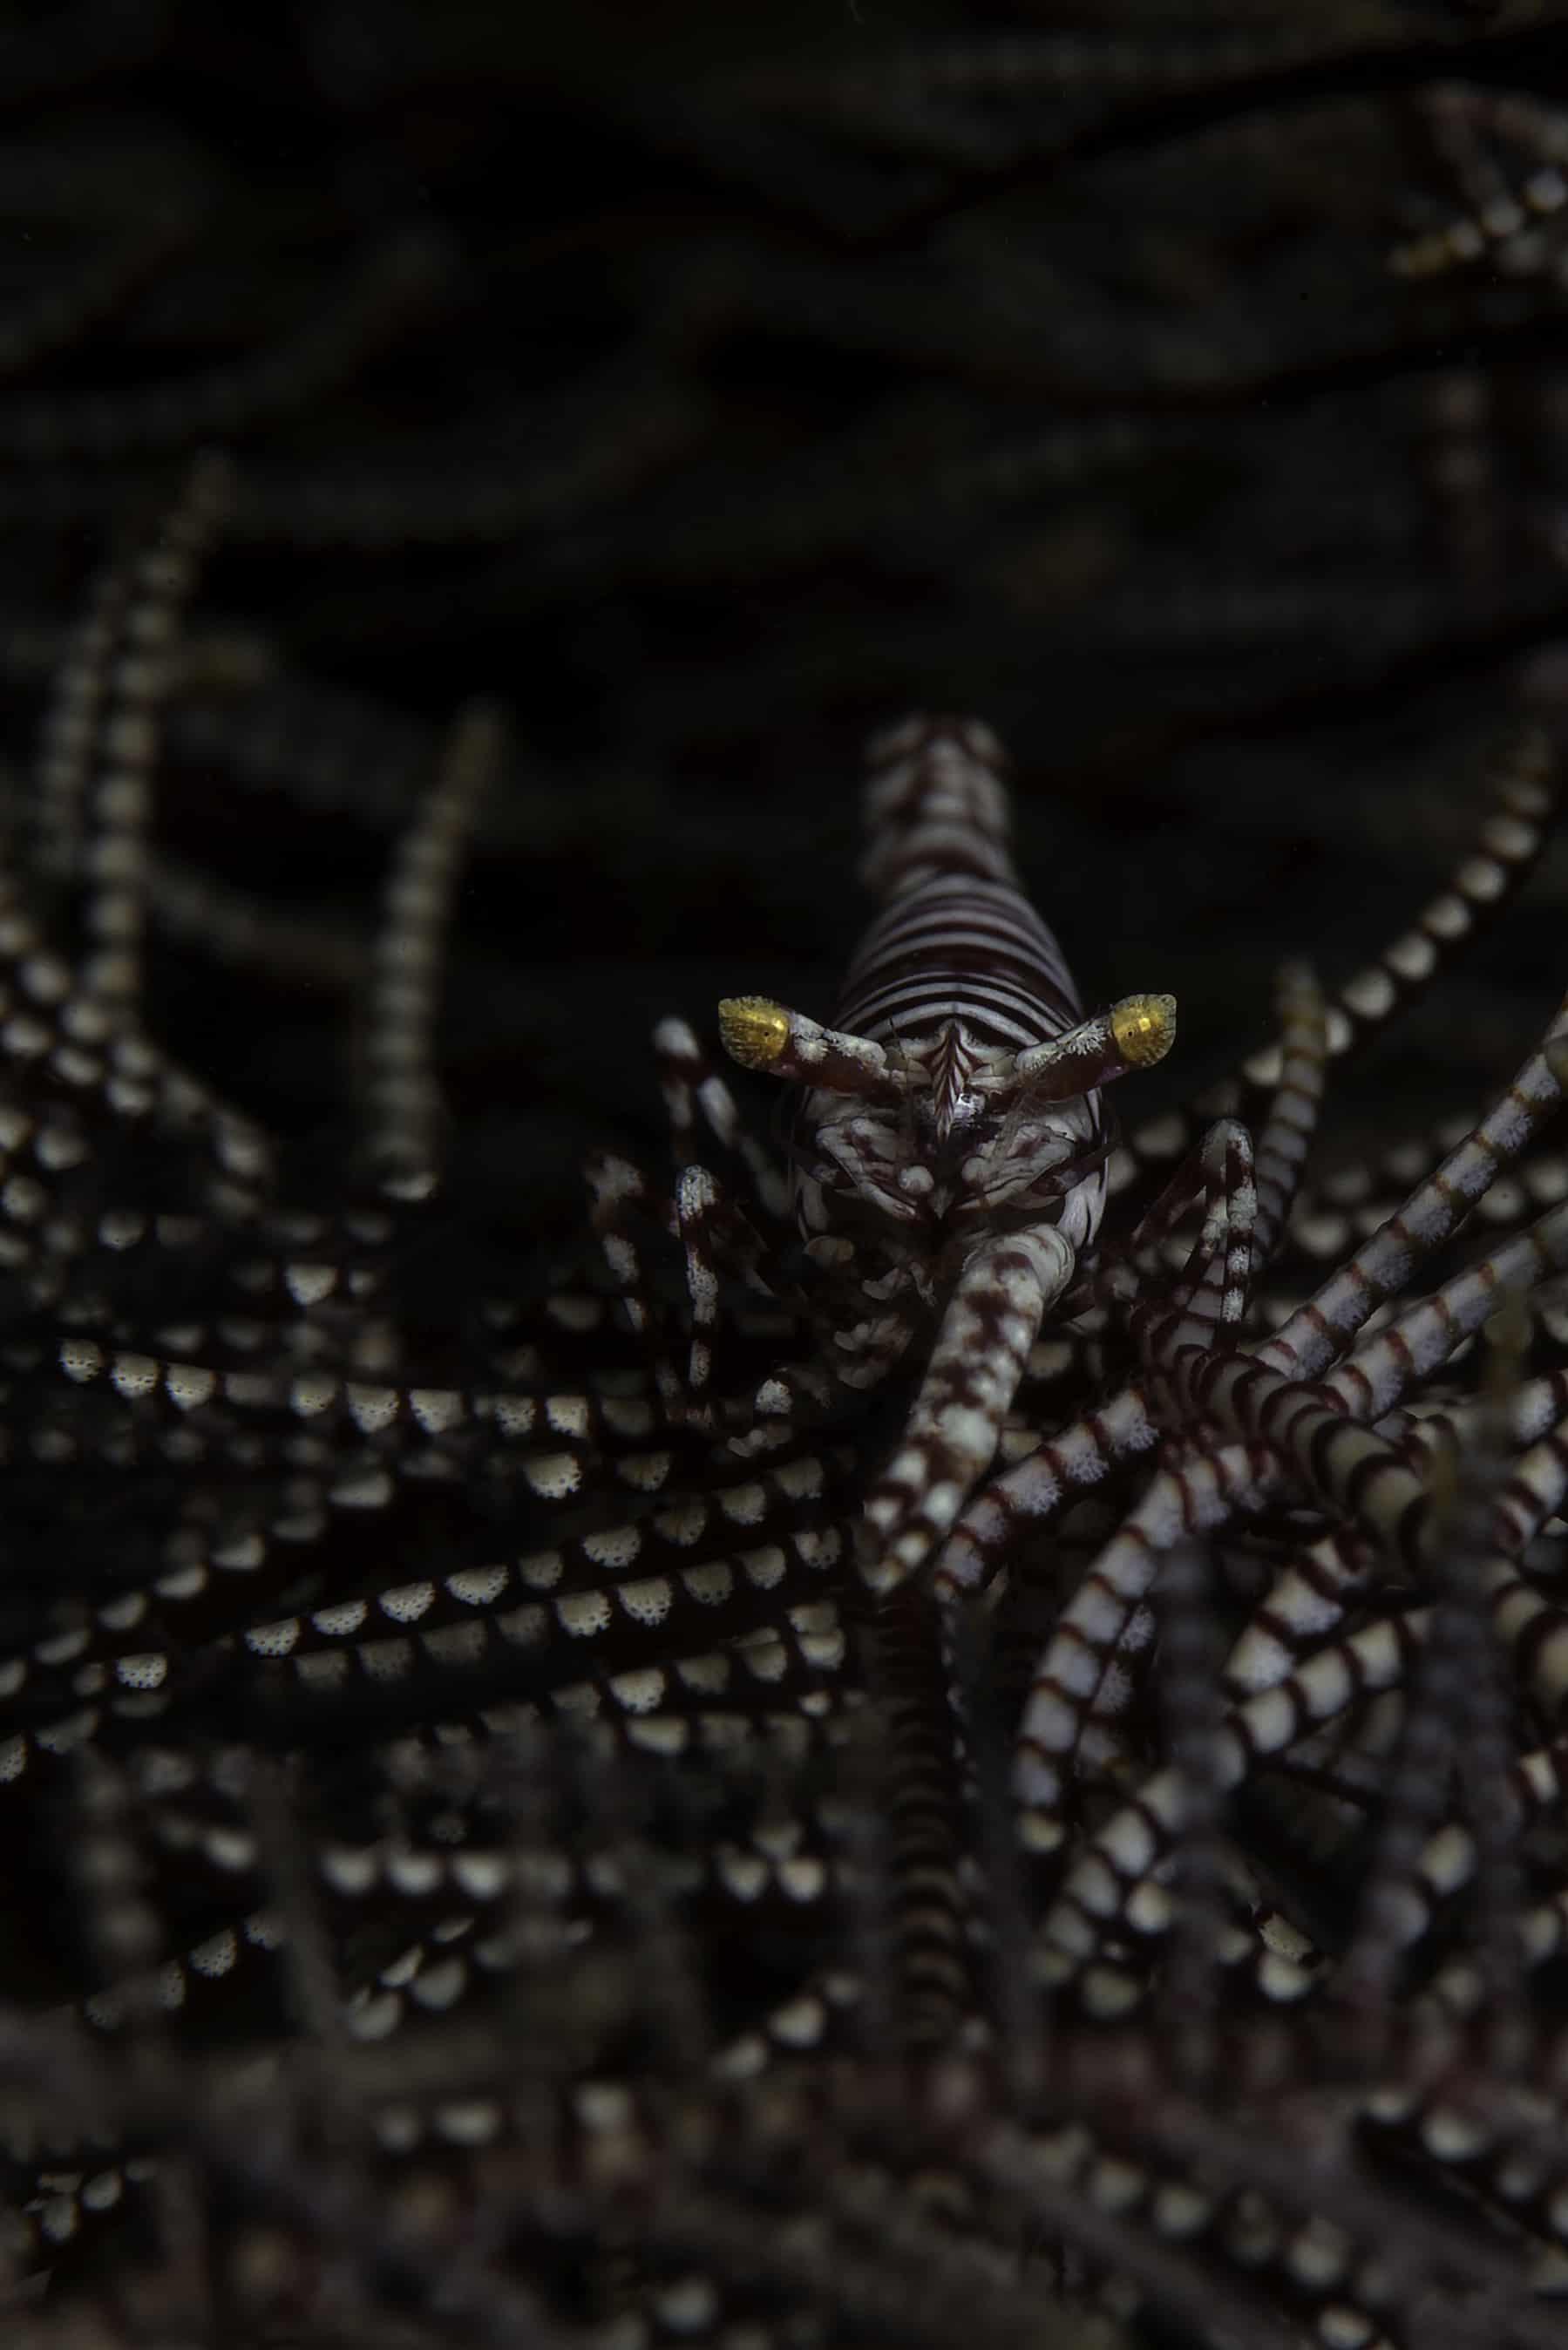 Leopard crinoid shrimp